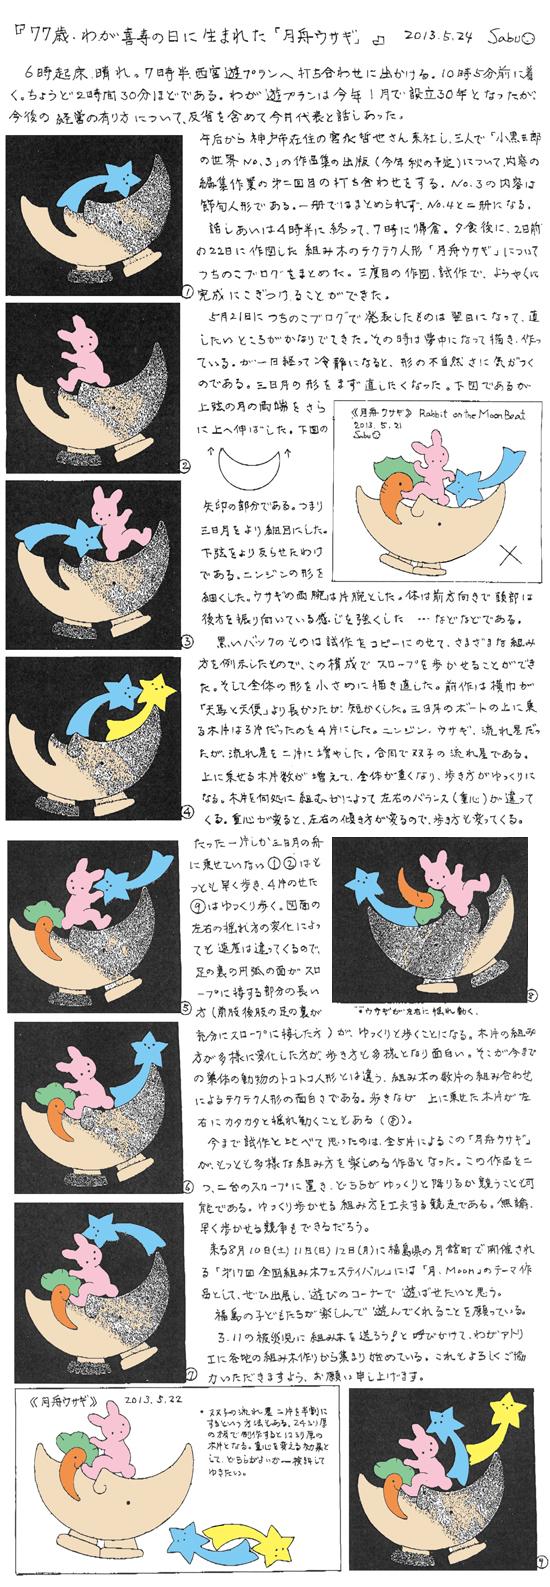 小黒三郎ブログ画像130524.jpg